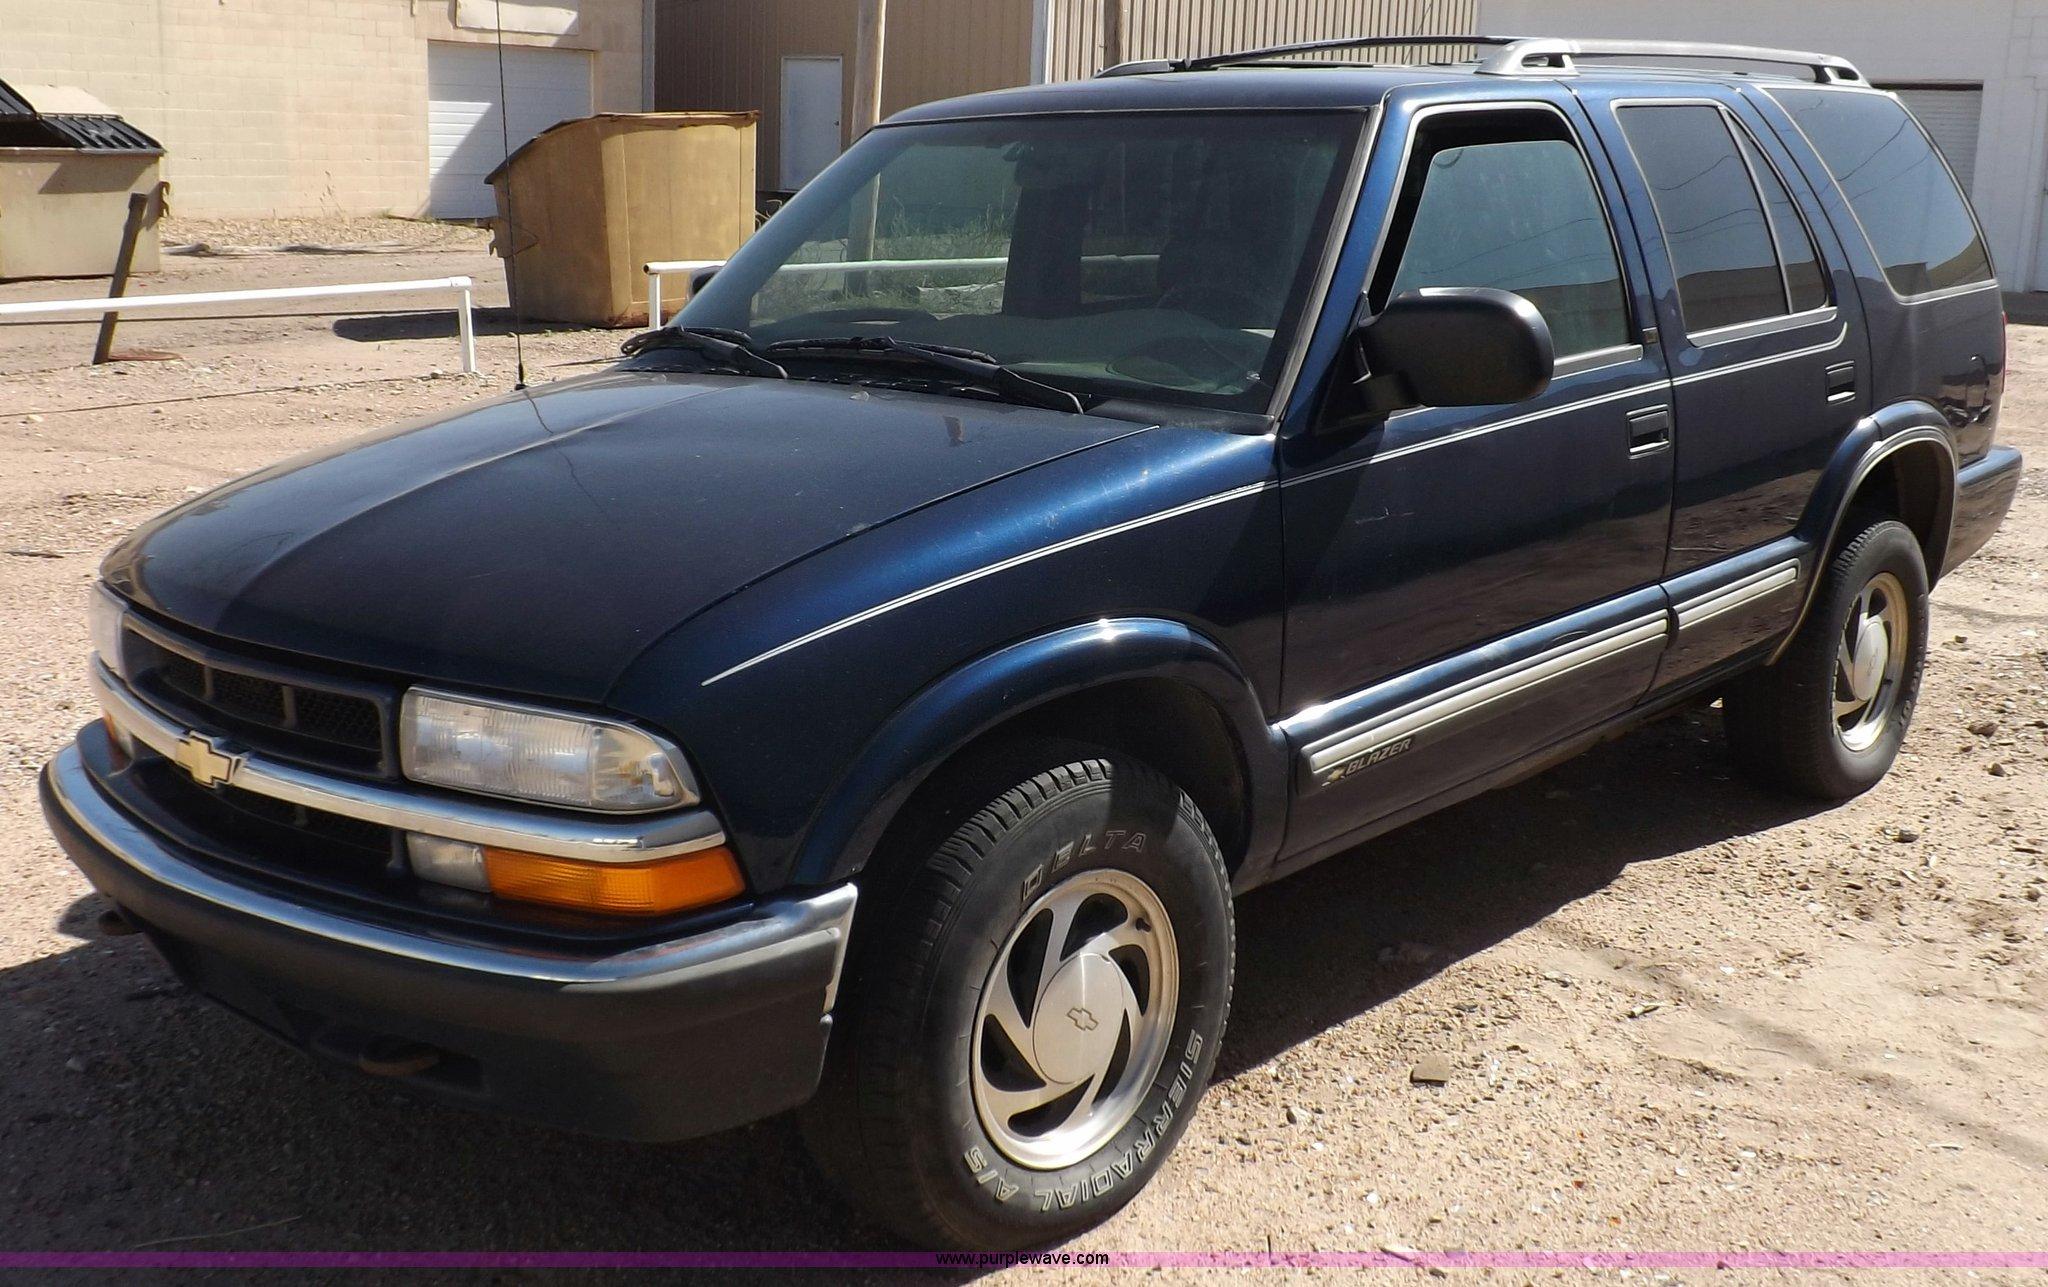 2000 Chevrolet Blazer LT SUV | Item F6210 | SOLD! Wednesday ...